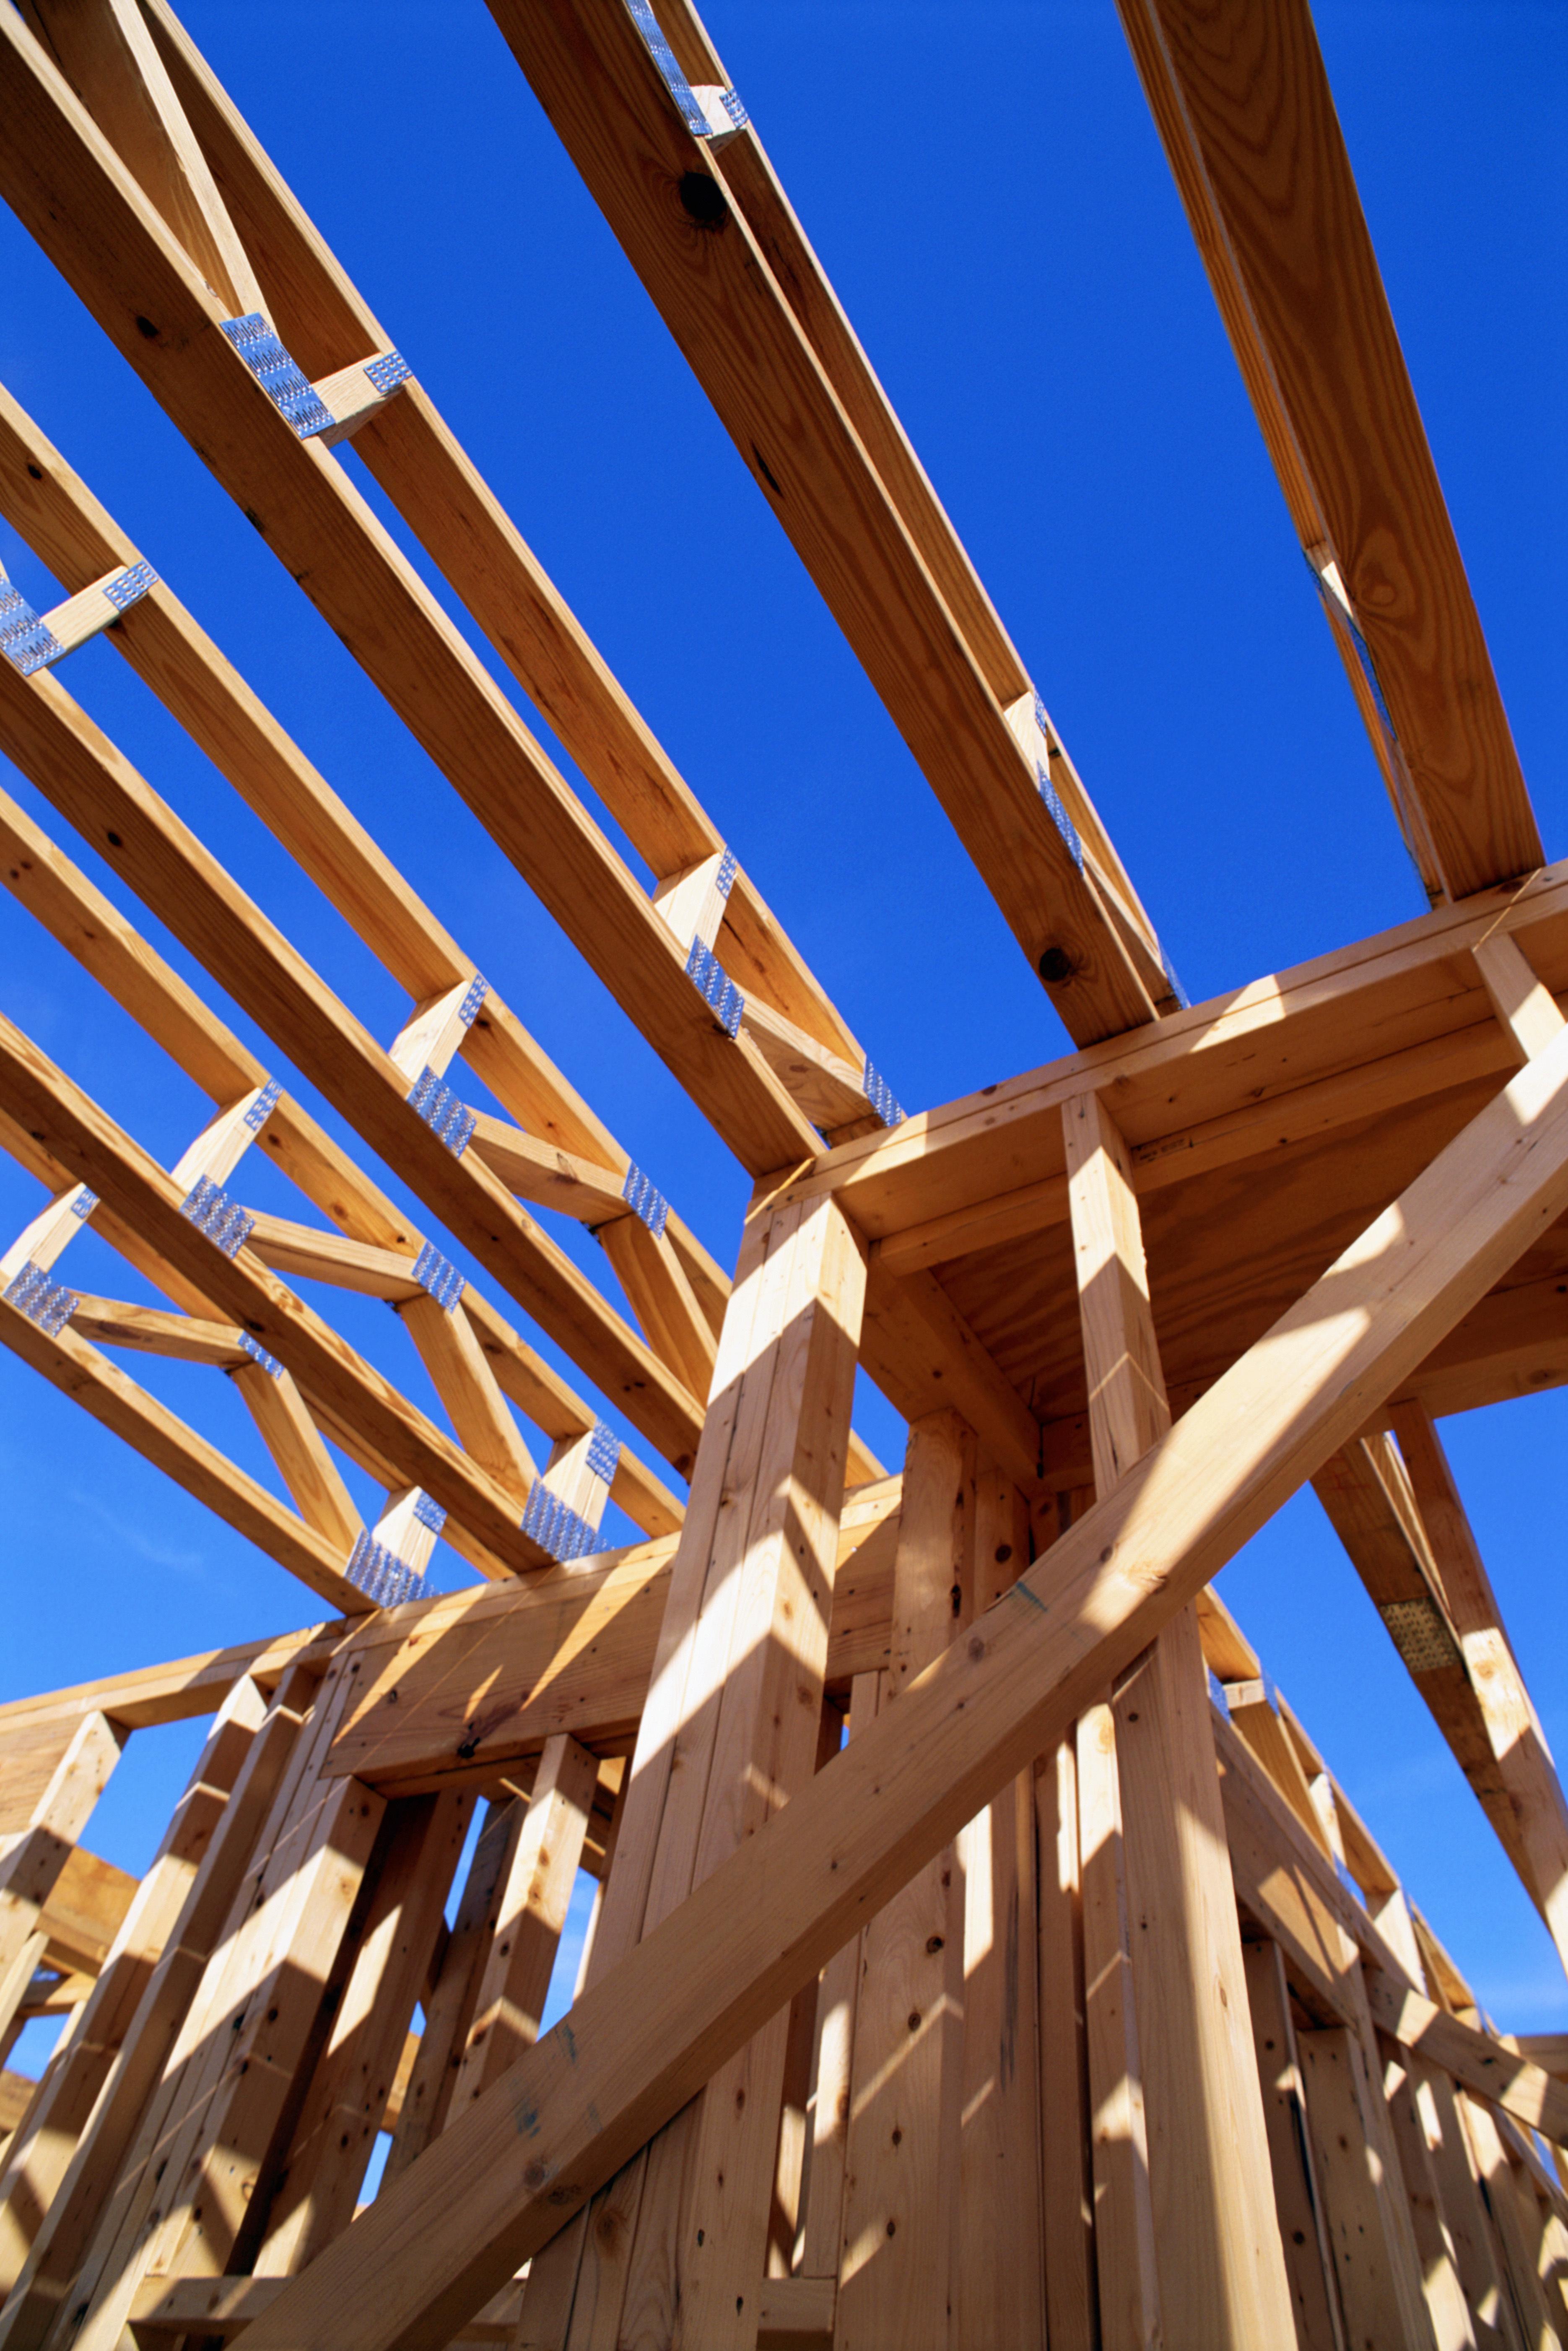 D Blaze Roof Structure